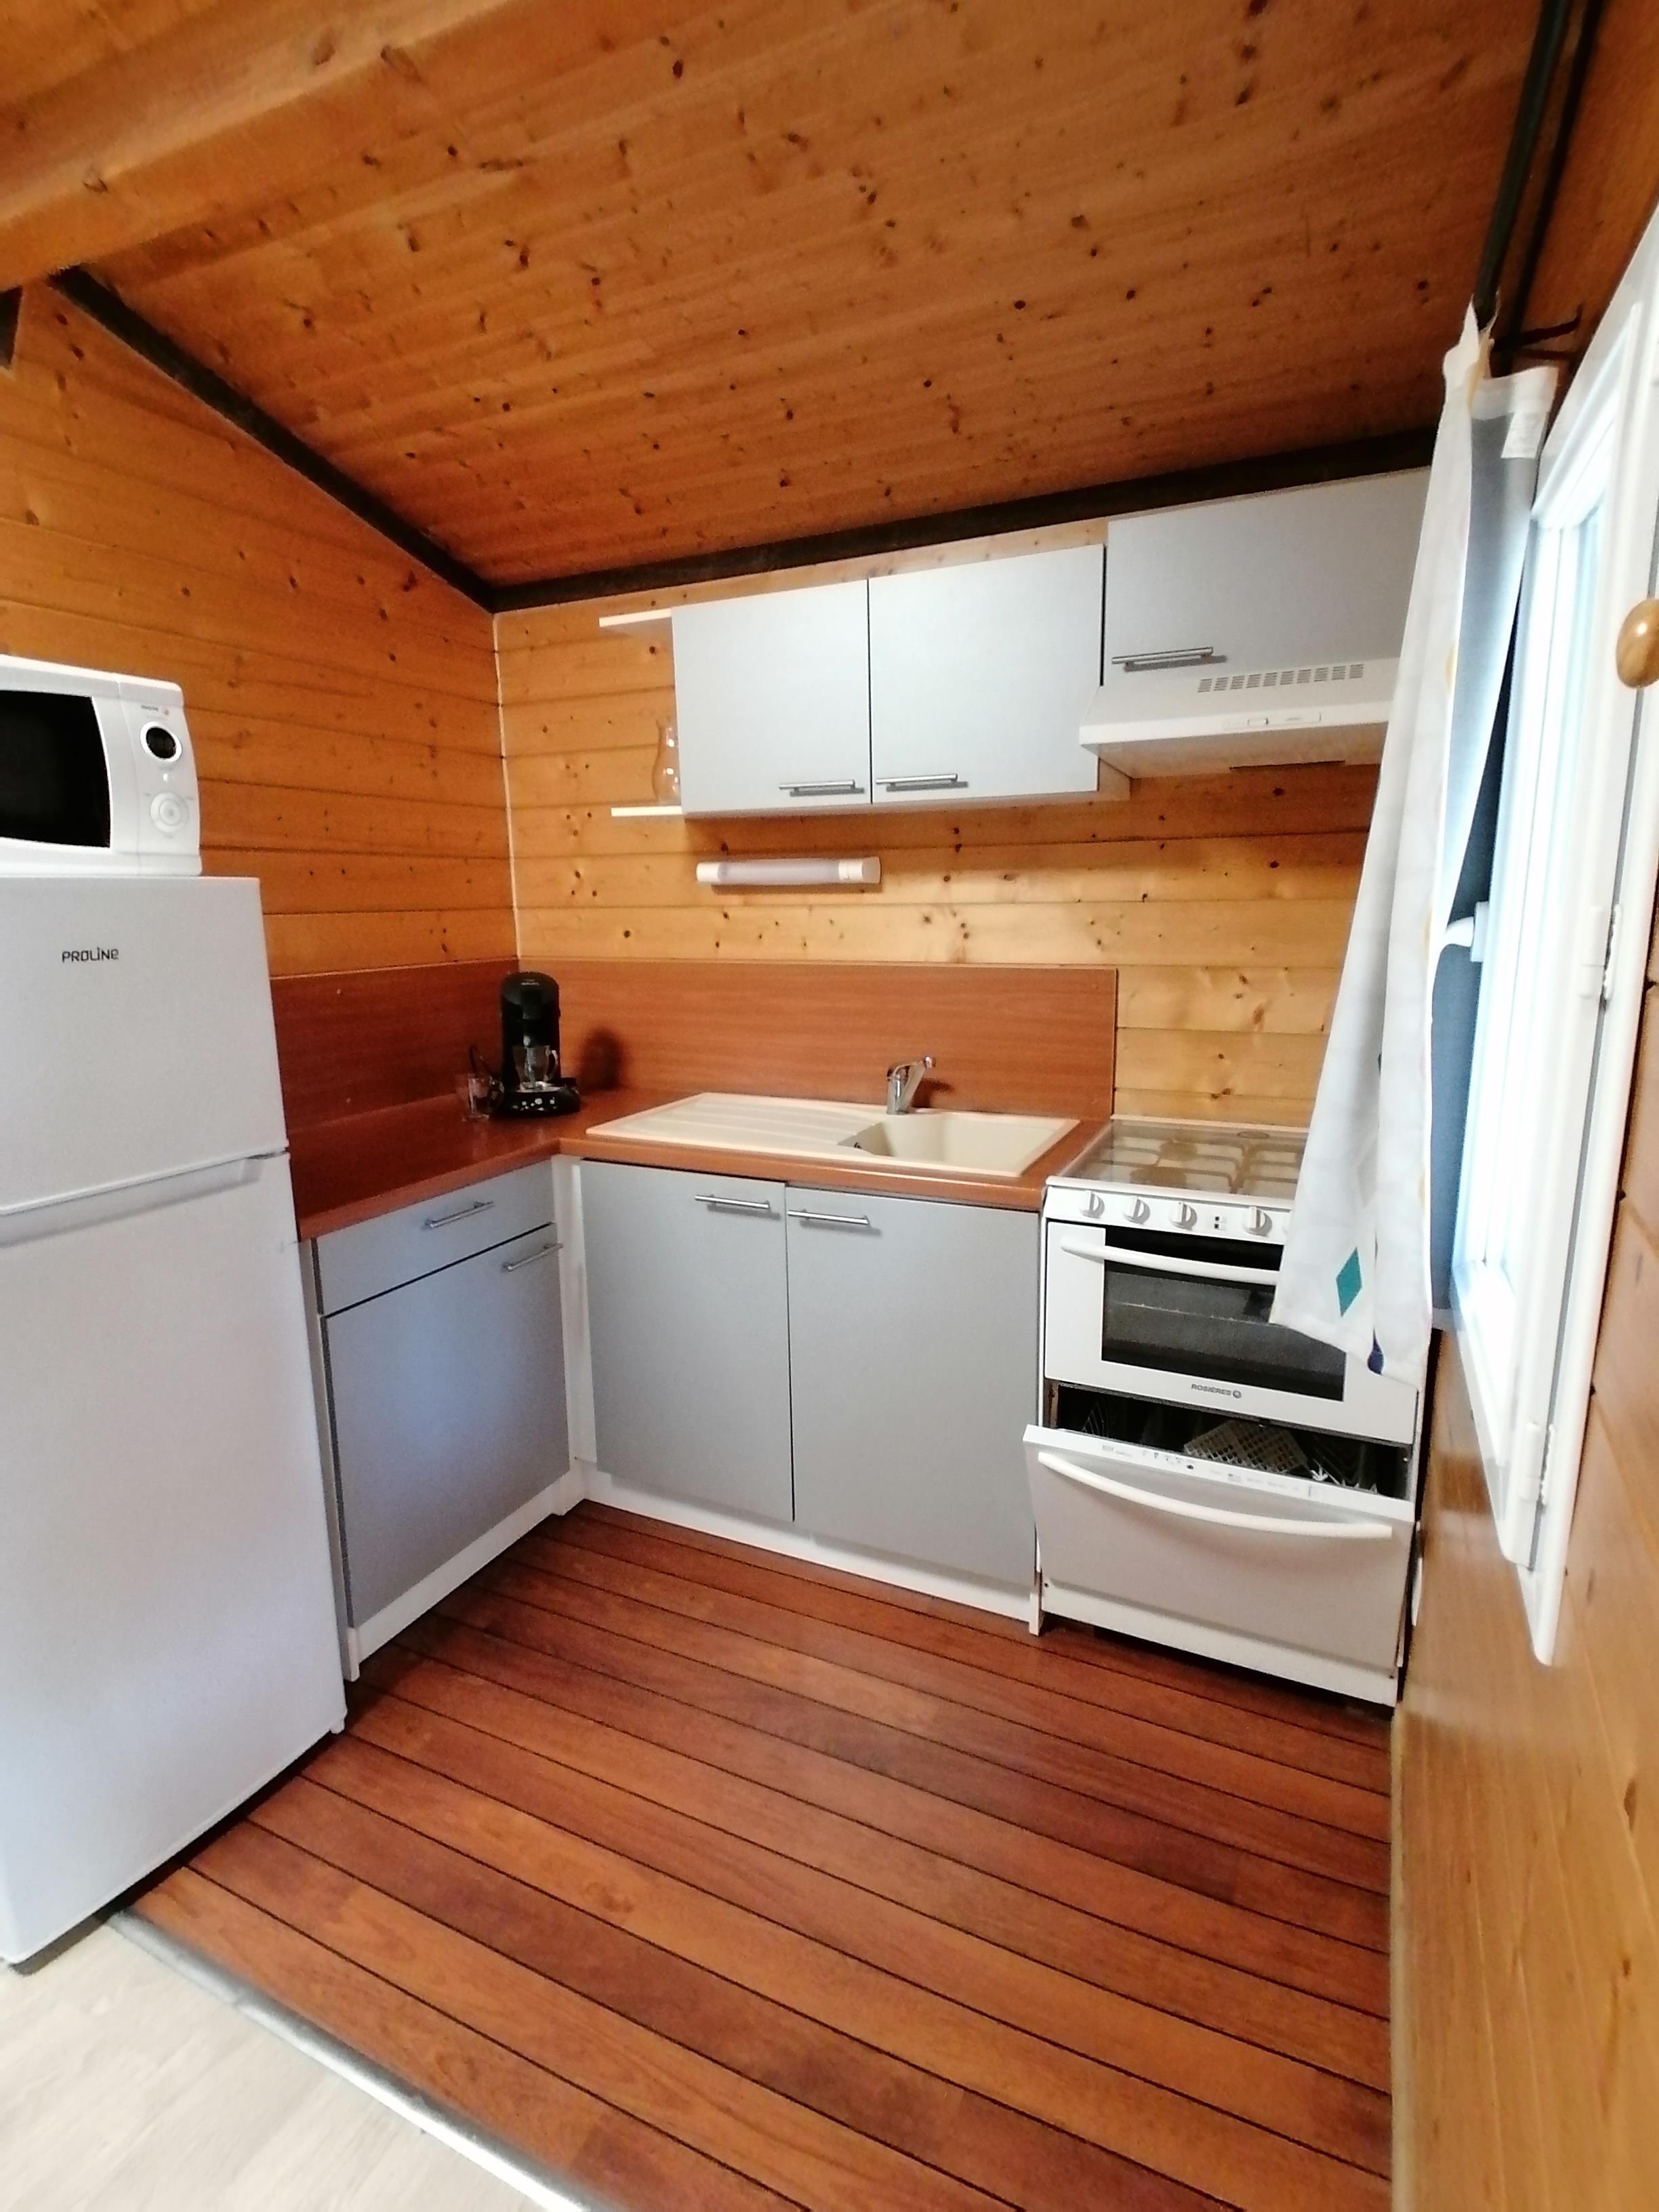 Location - Chalet - 2 Chambres - Camping Du Domaine de Massereau